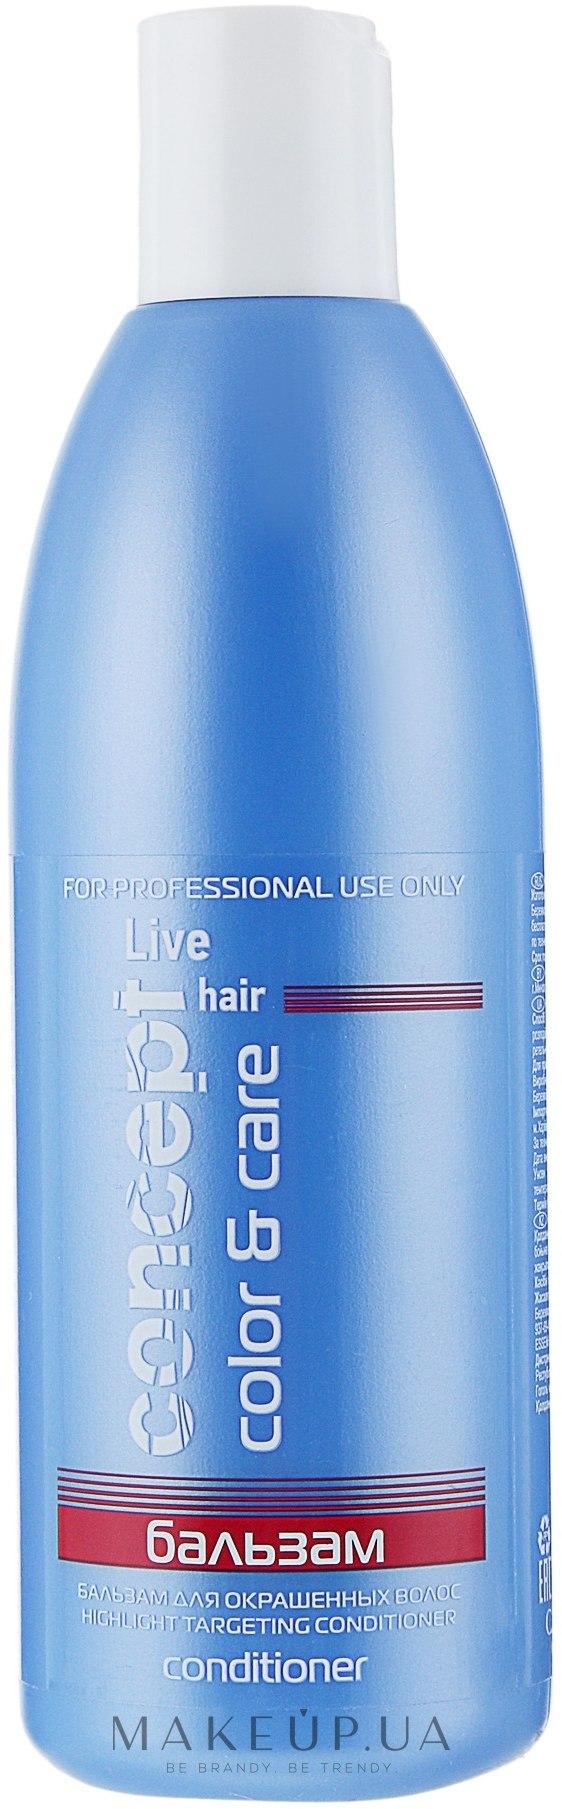 Бальзамы для окрашивания волос